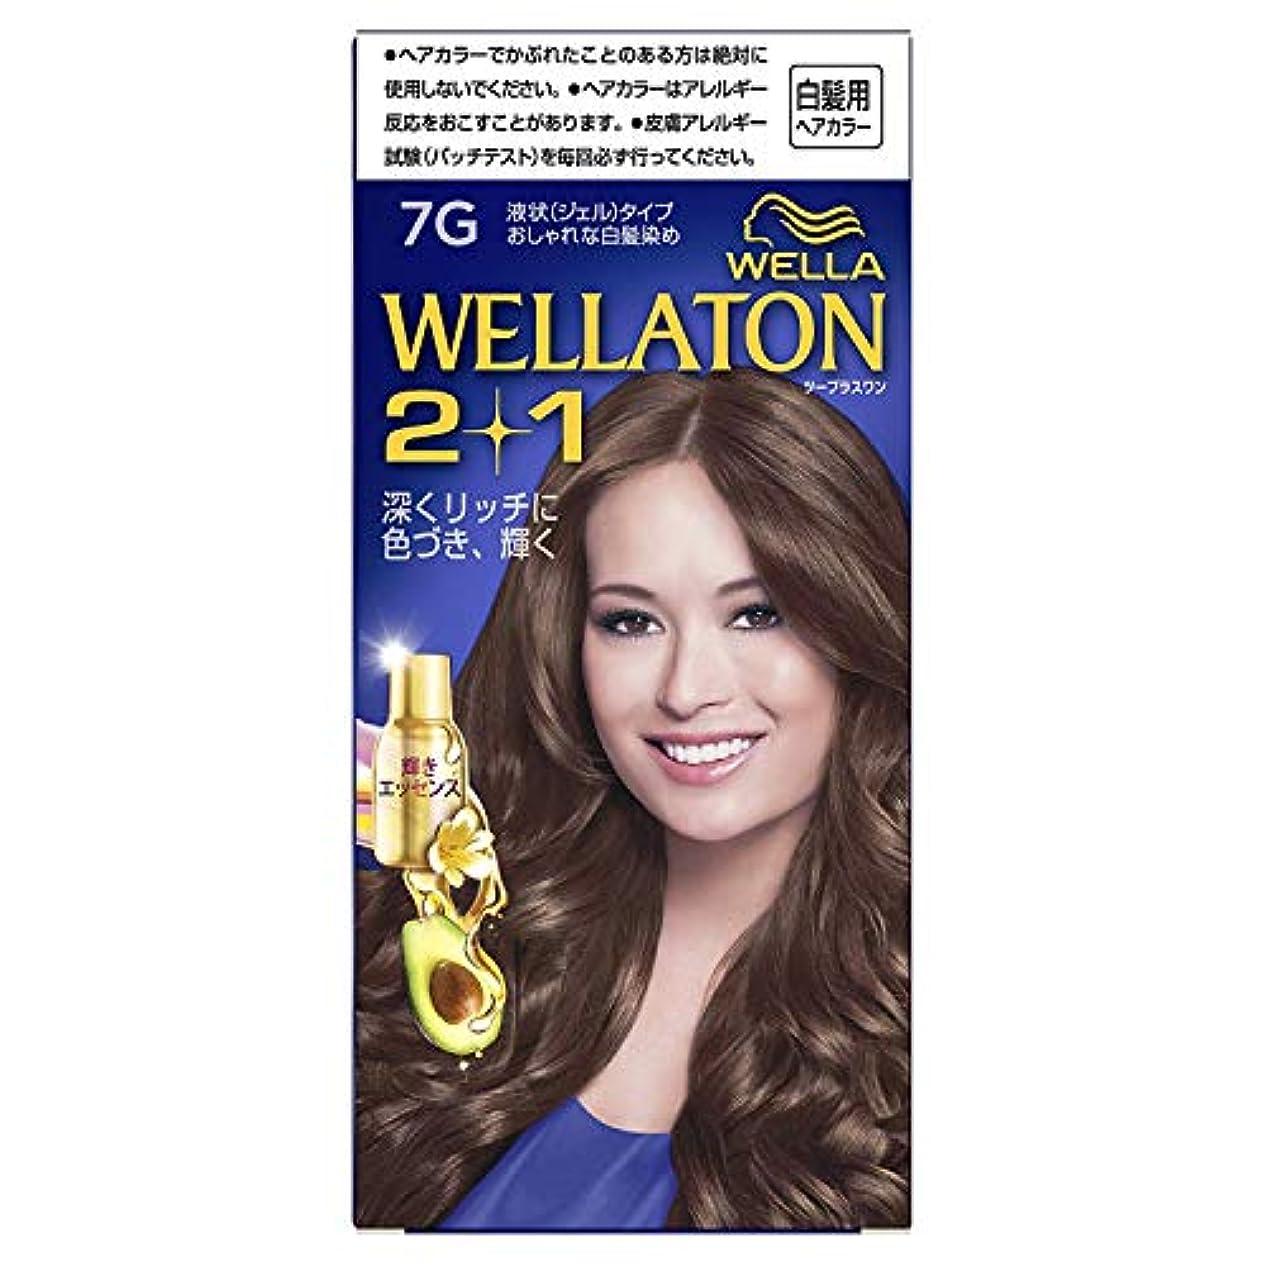 遺棄された適応的長々とウエラトーン2+1 白髪染め 液状タイプ 7G [医薬部外品] ×3個